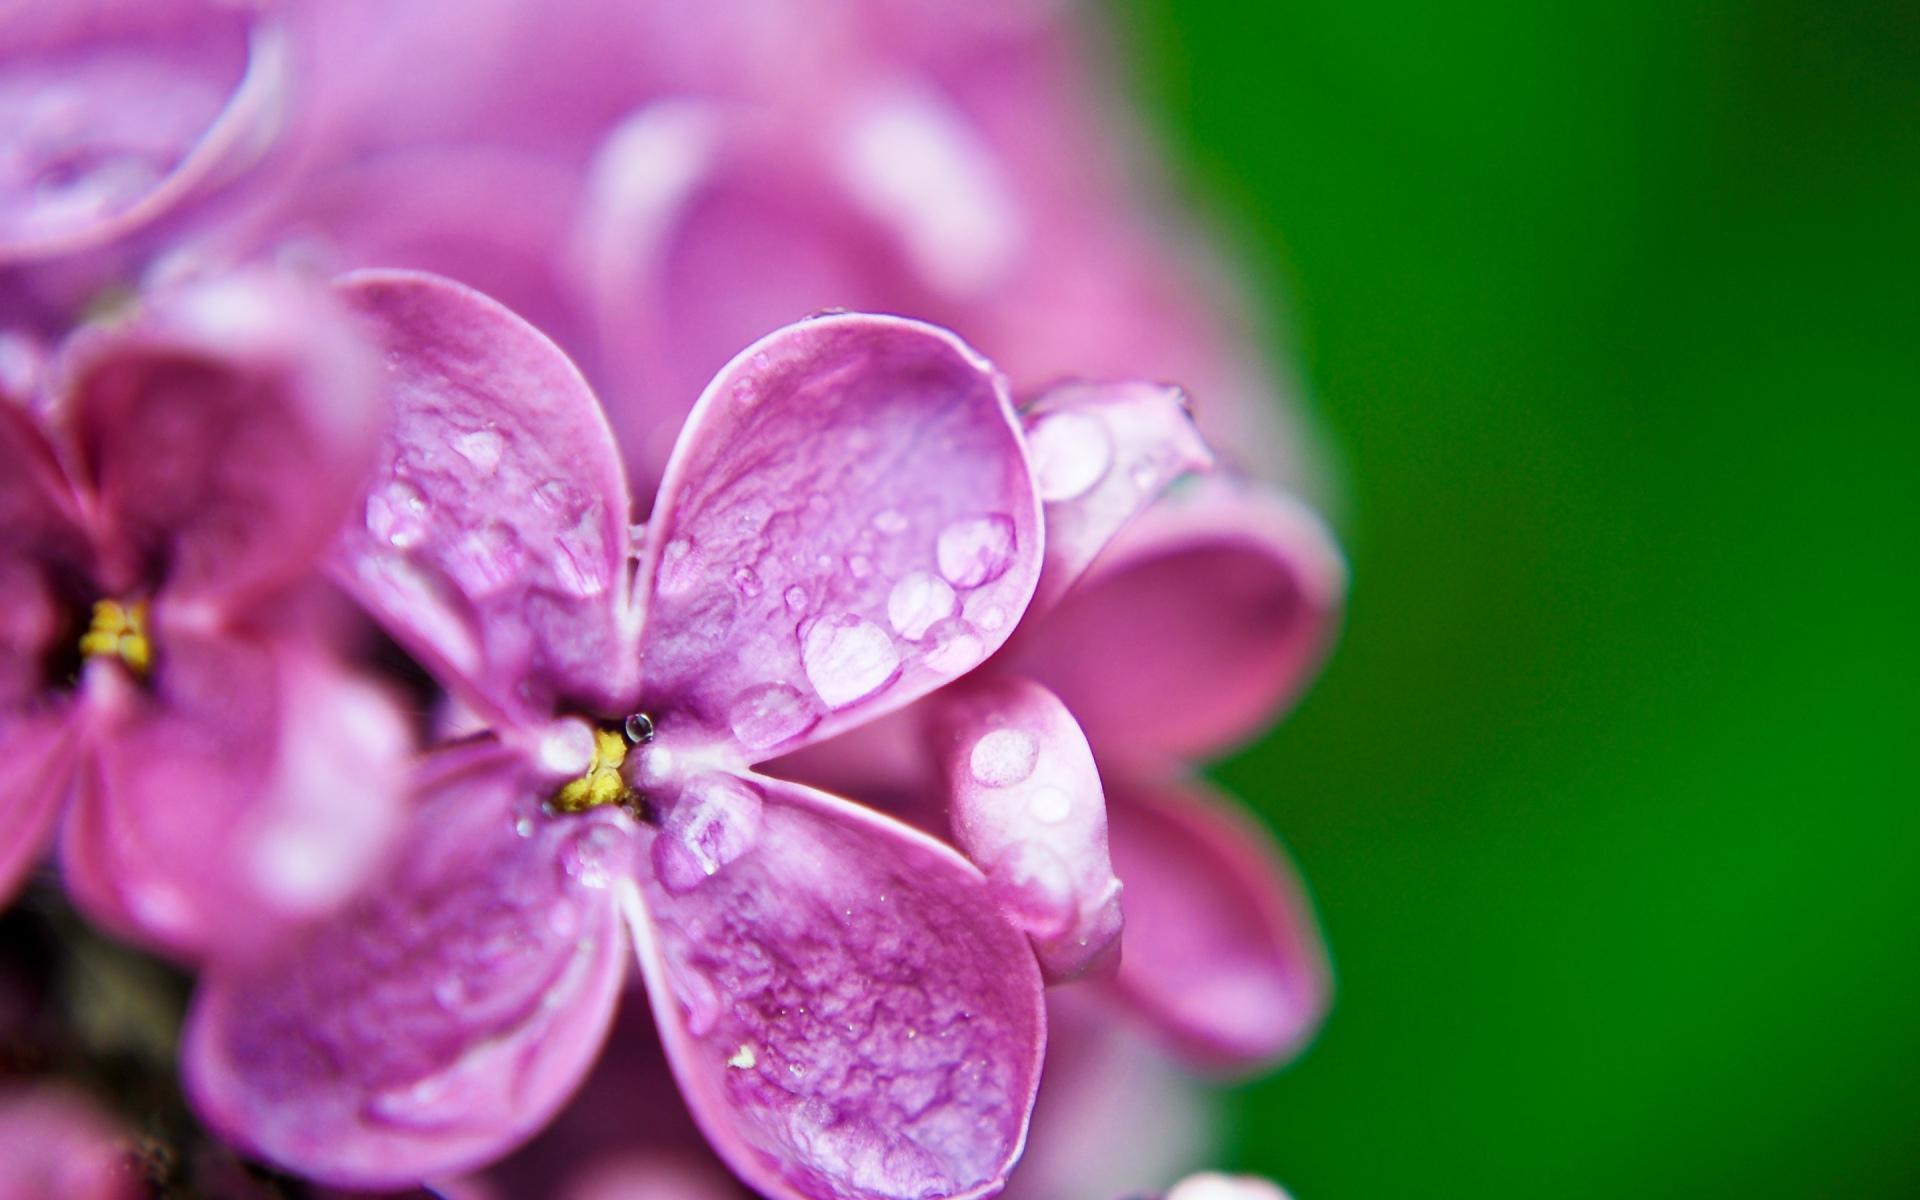 цветок фиолетово-зеленый макро бесплатно